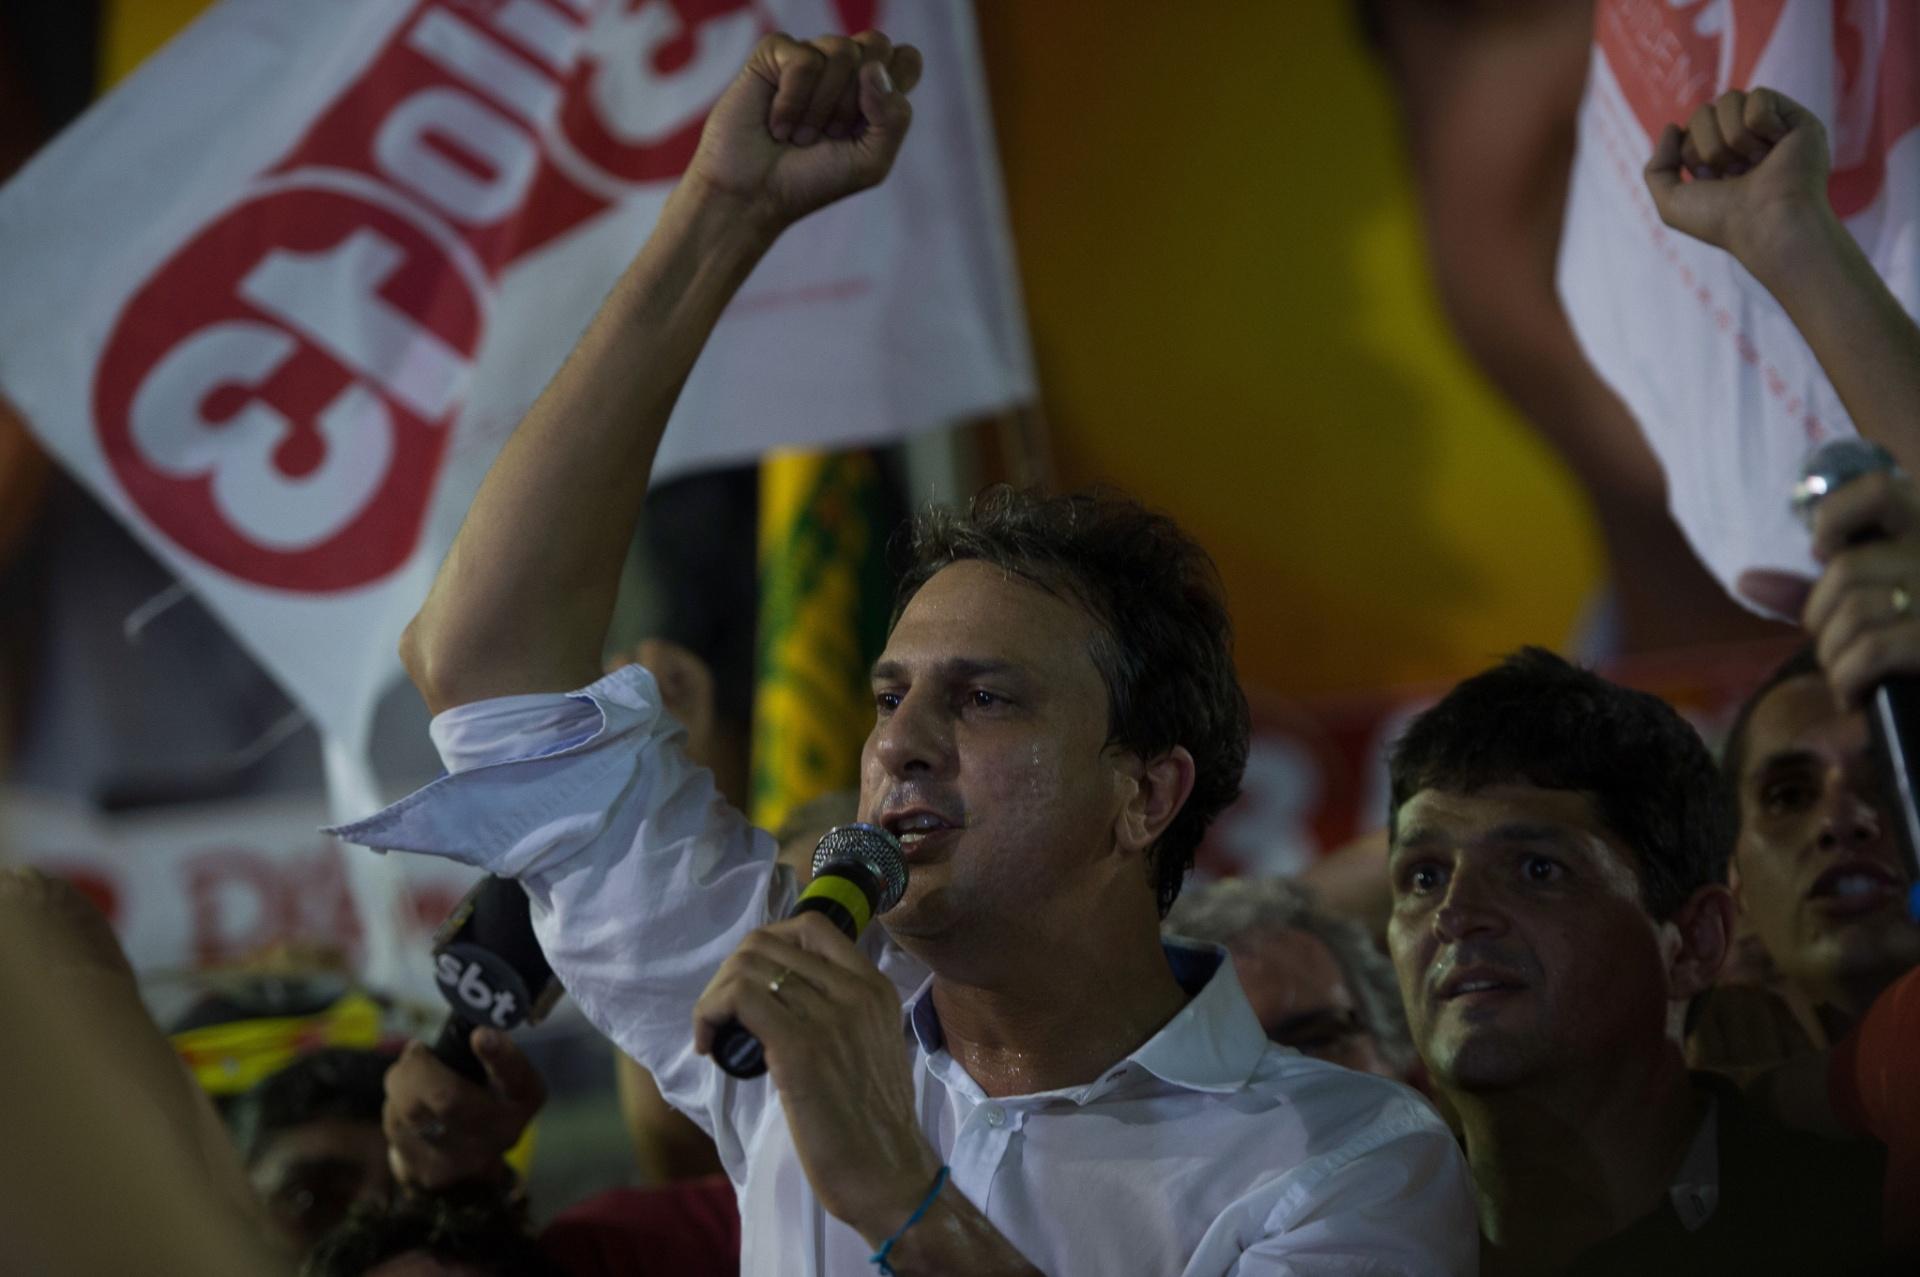 27.out.2014 - O deputado estadual Camilo Santana (PT), 46, comemorou nas ruas por ter derrotado o senador Eunício Oliveira (PMDB), 62, e ter sido eleito neste domingo (26) o novo governador do Ceará. Com 100% das urnas apuradas, Camilo obteve 53,35% dos votos válidos contra 46,65% de Eunício. No primeiro turno, Camilo havia ficado na frente, com 47,81% dos votos válidos, contra 46,41% do peemedebista